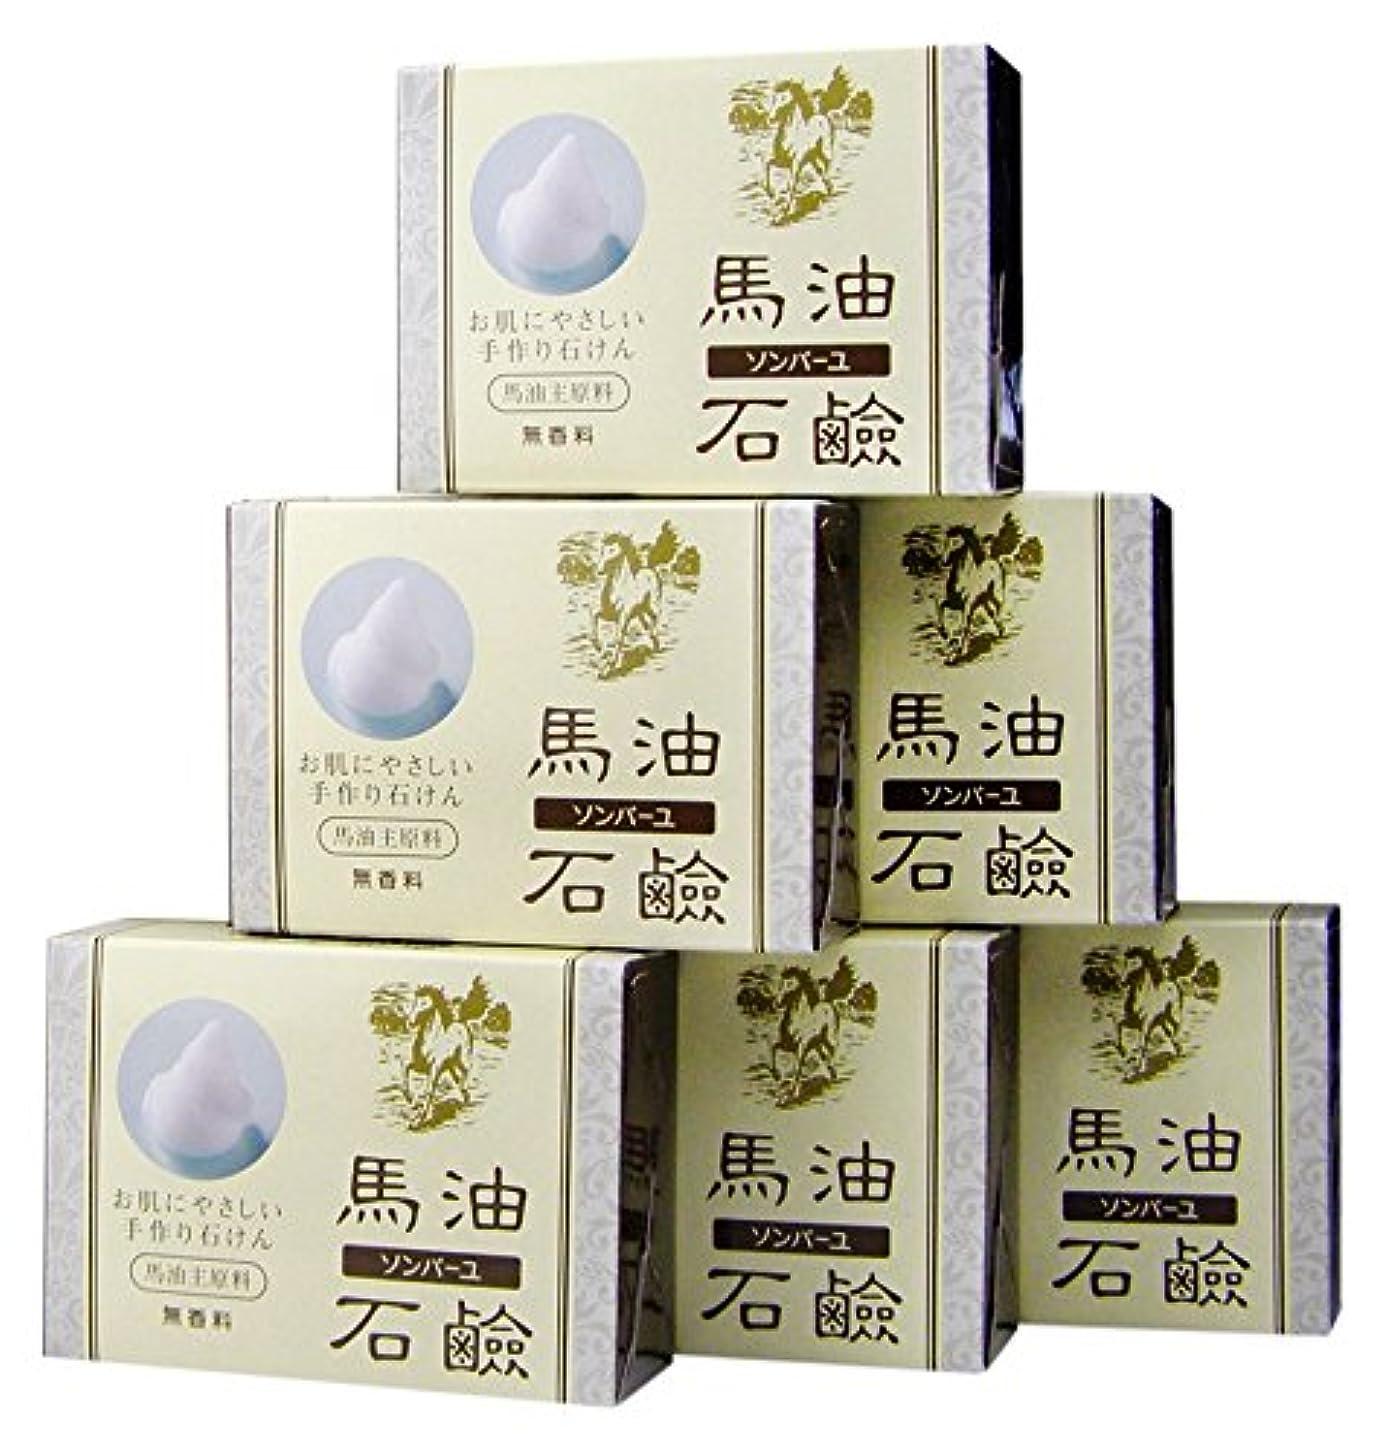 柔らかさアトミック動物ソンバーユ馬油石鹸(無香料)6個入(85g×6)